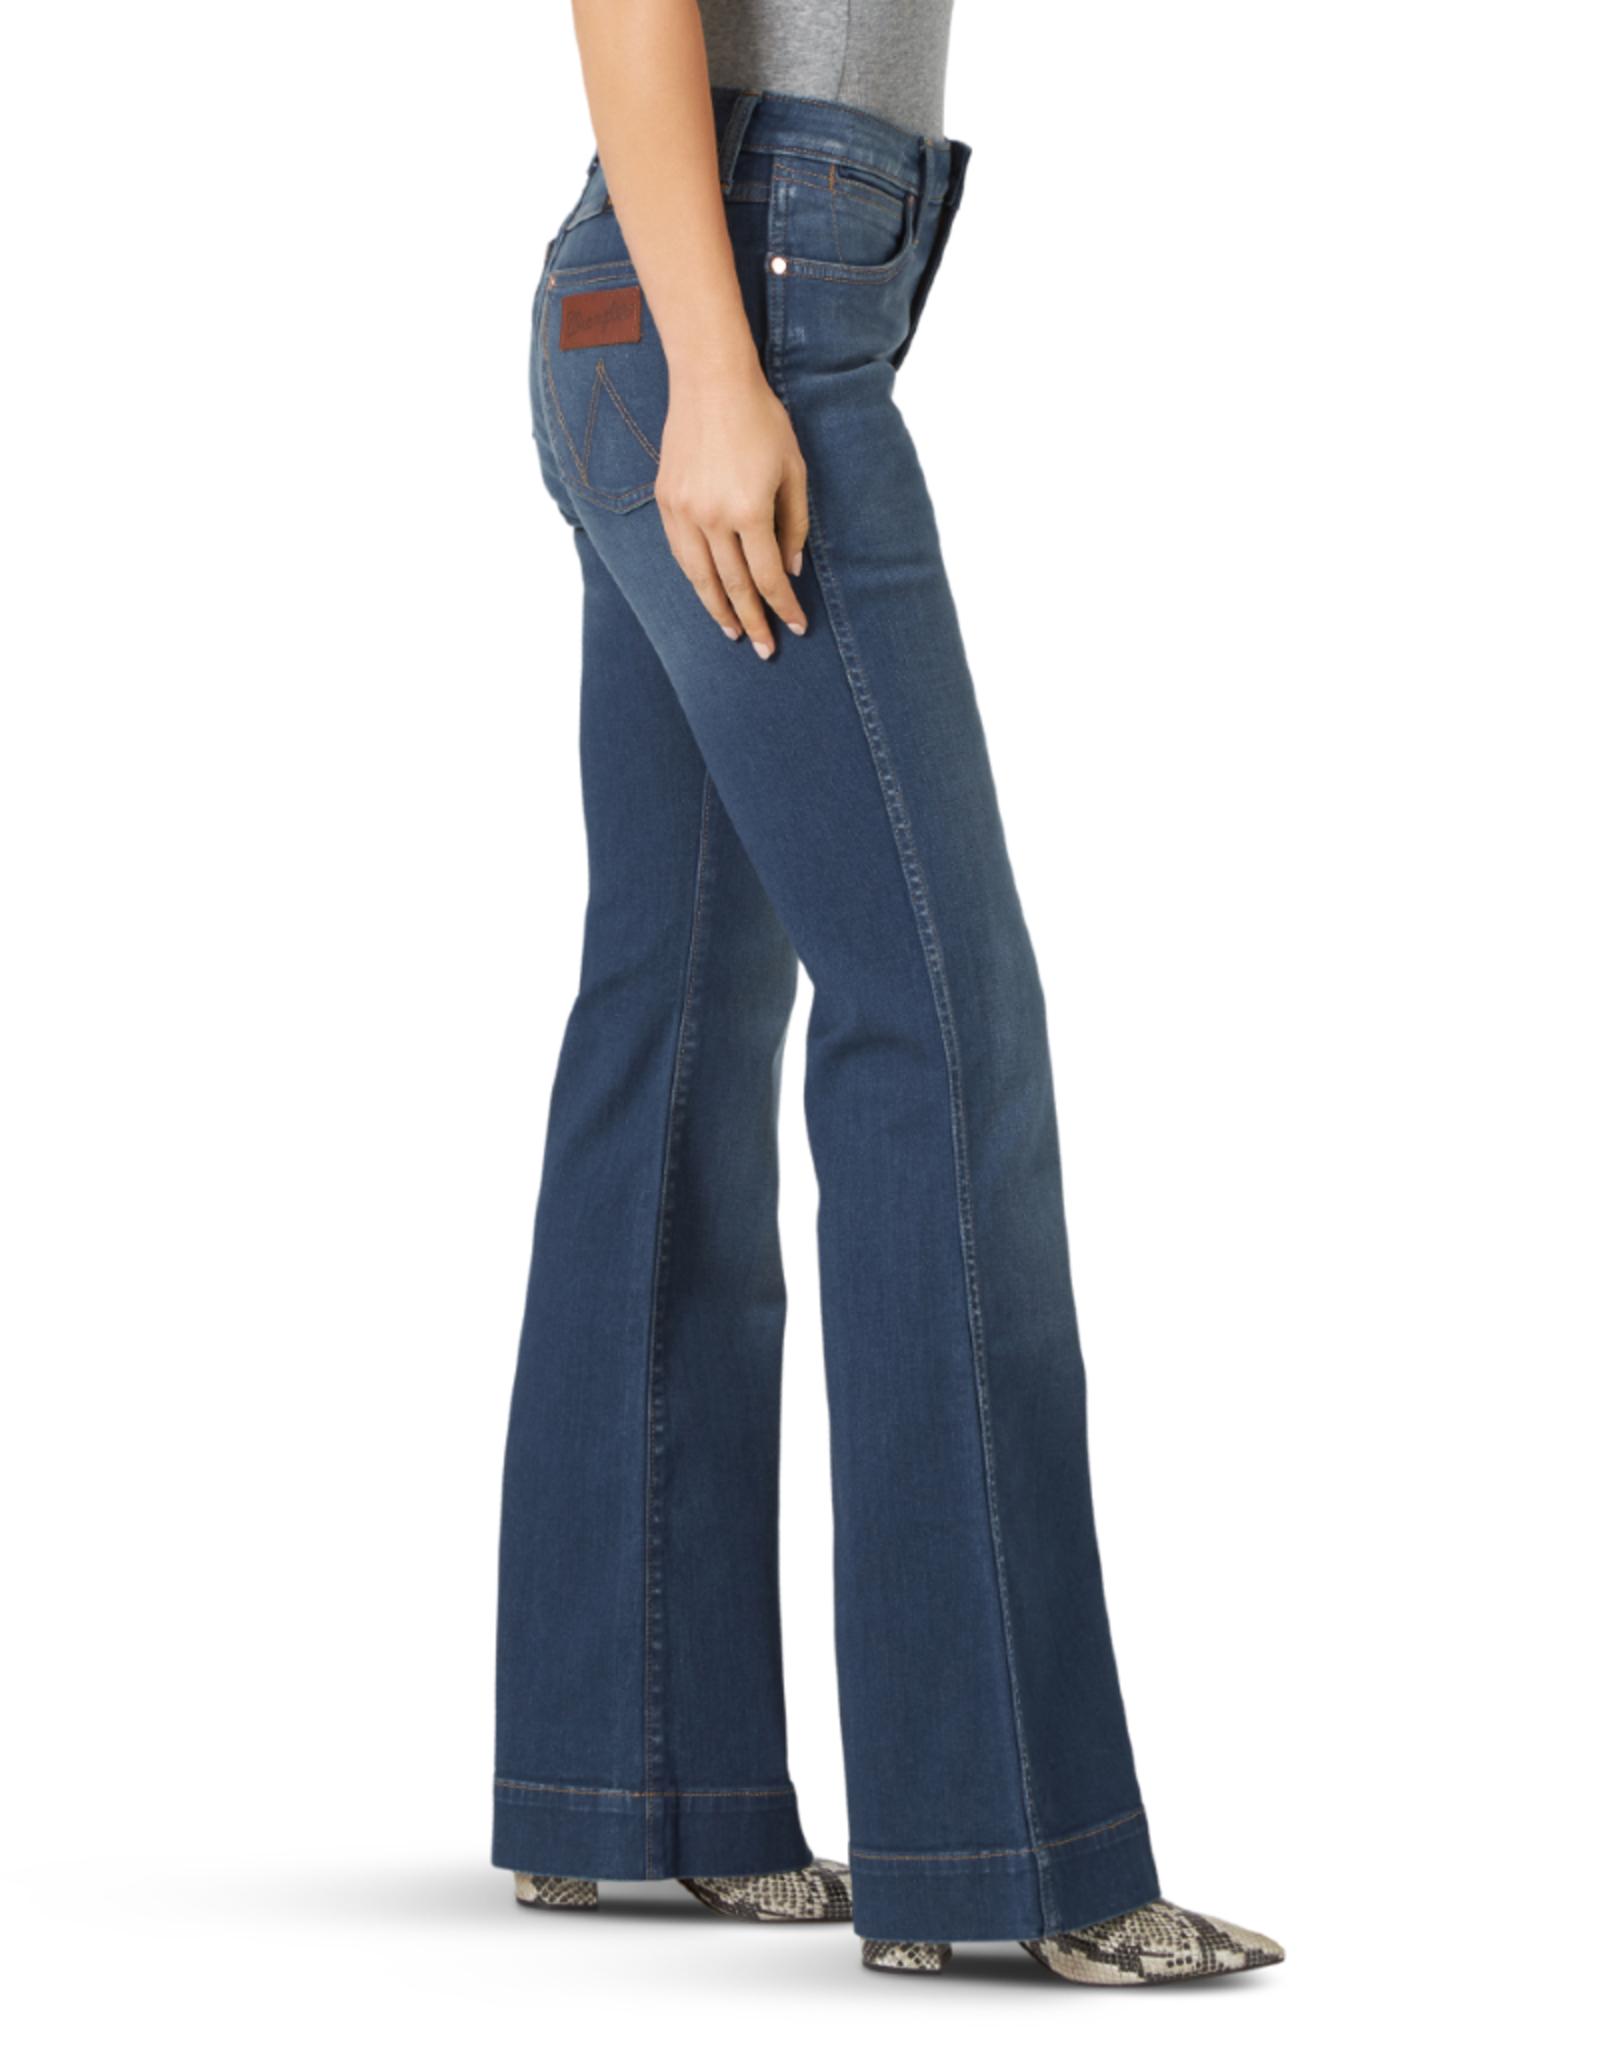 Wrangler Wrangler Retro Premium High Rise Trouser